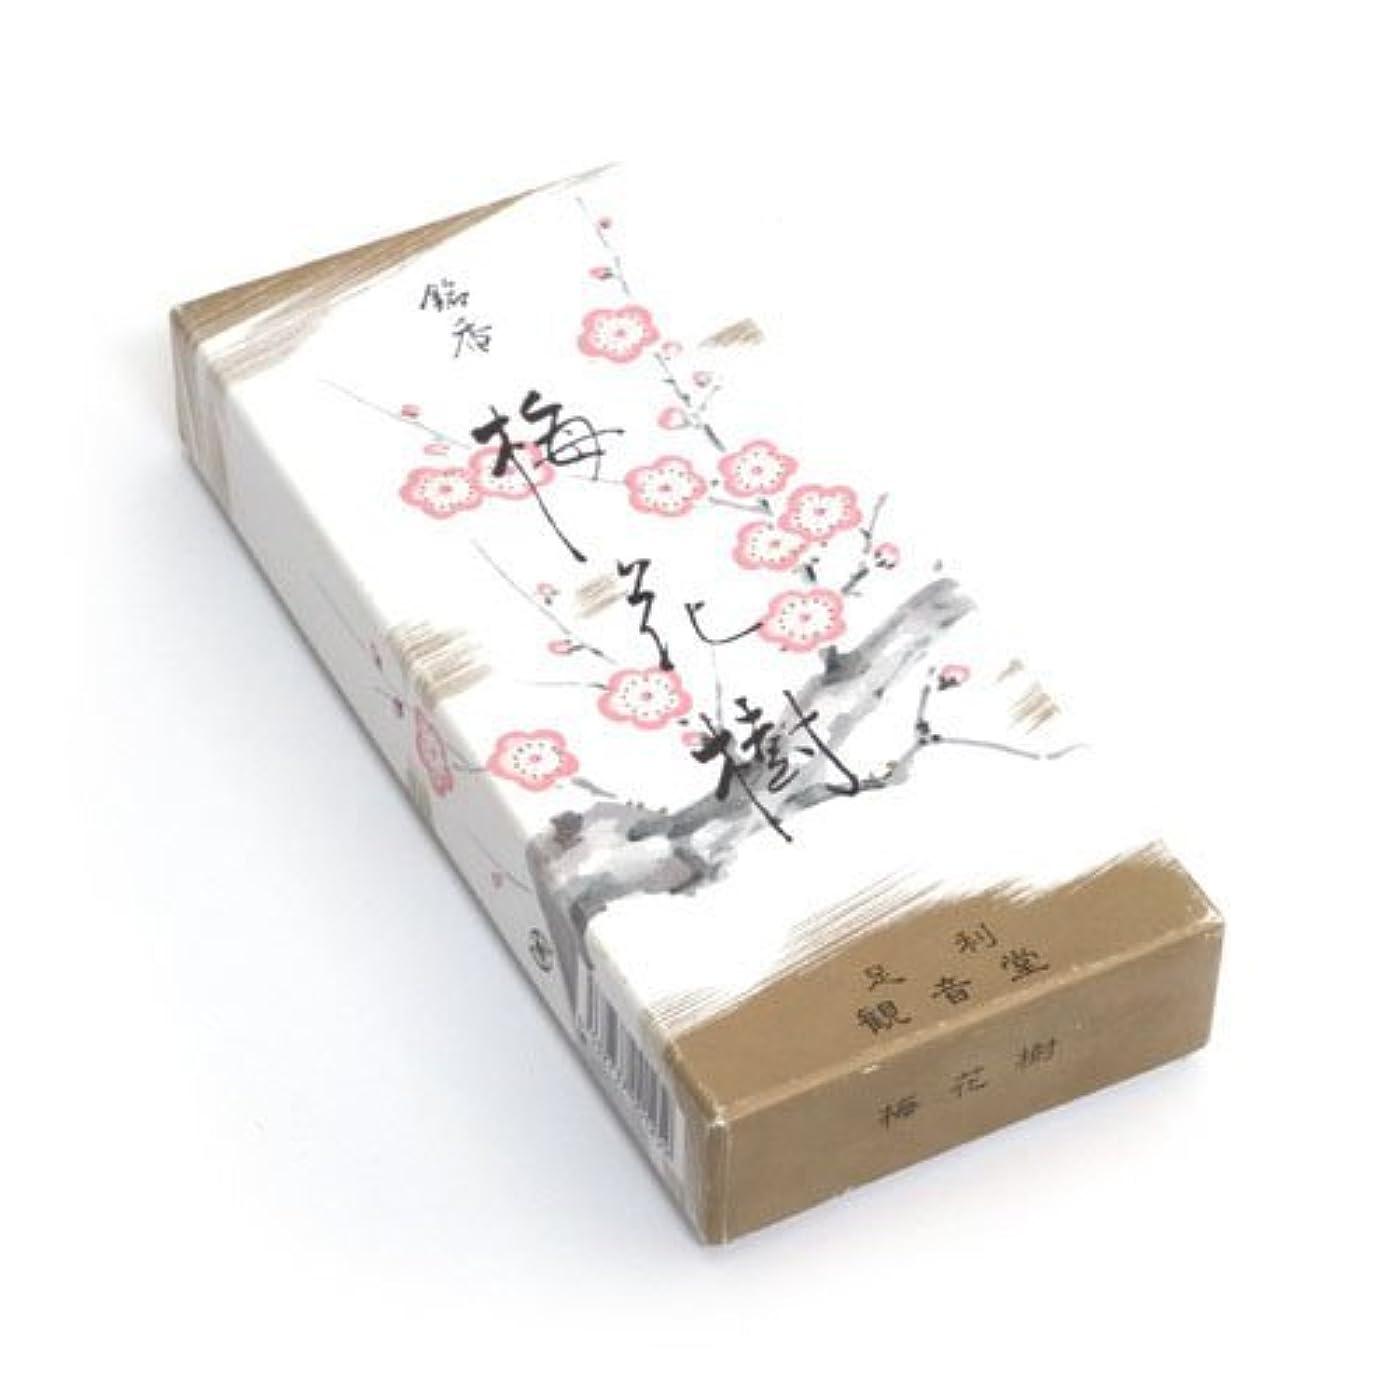 腹国勢調査プラスShoyeido 's Plum Blossoms Incense、150 sticks – baika-ju